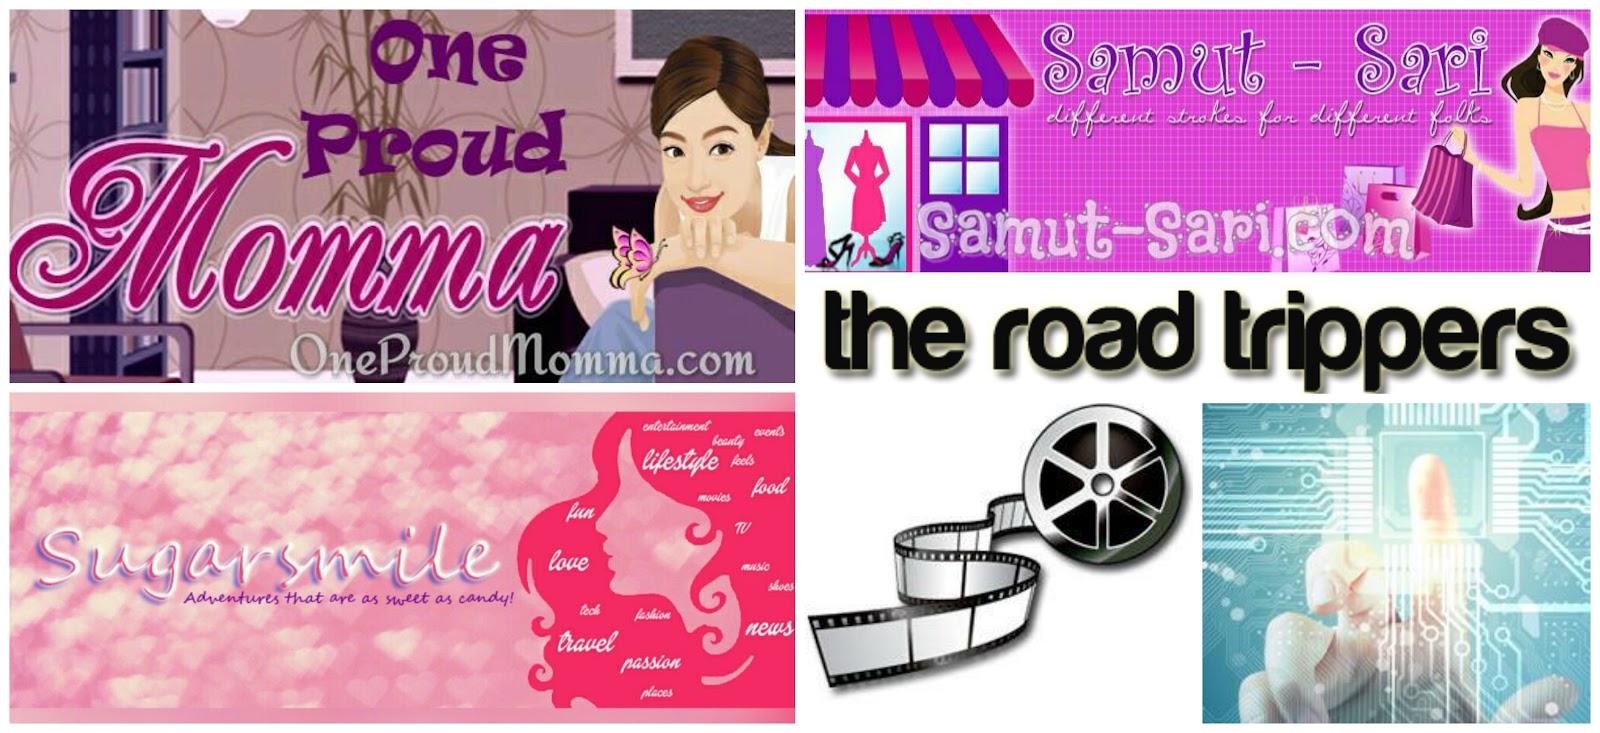 sponsors 6.jpg